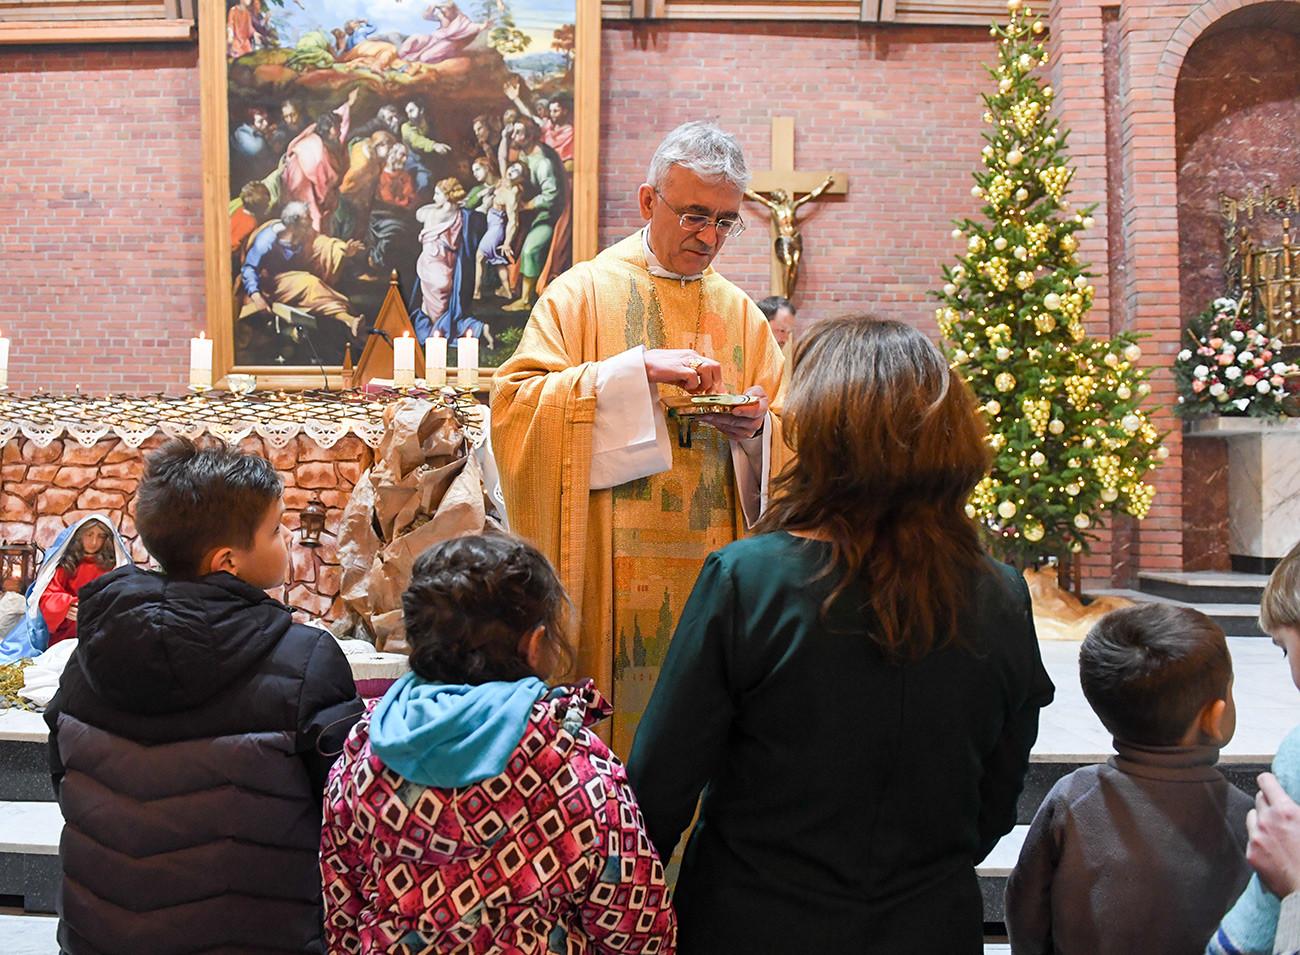 カトリック教の協会におけるクリスマスの祝い、ノヴォシビルスク